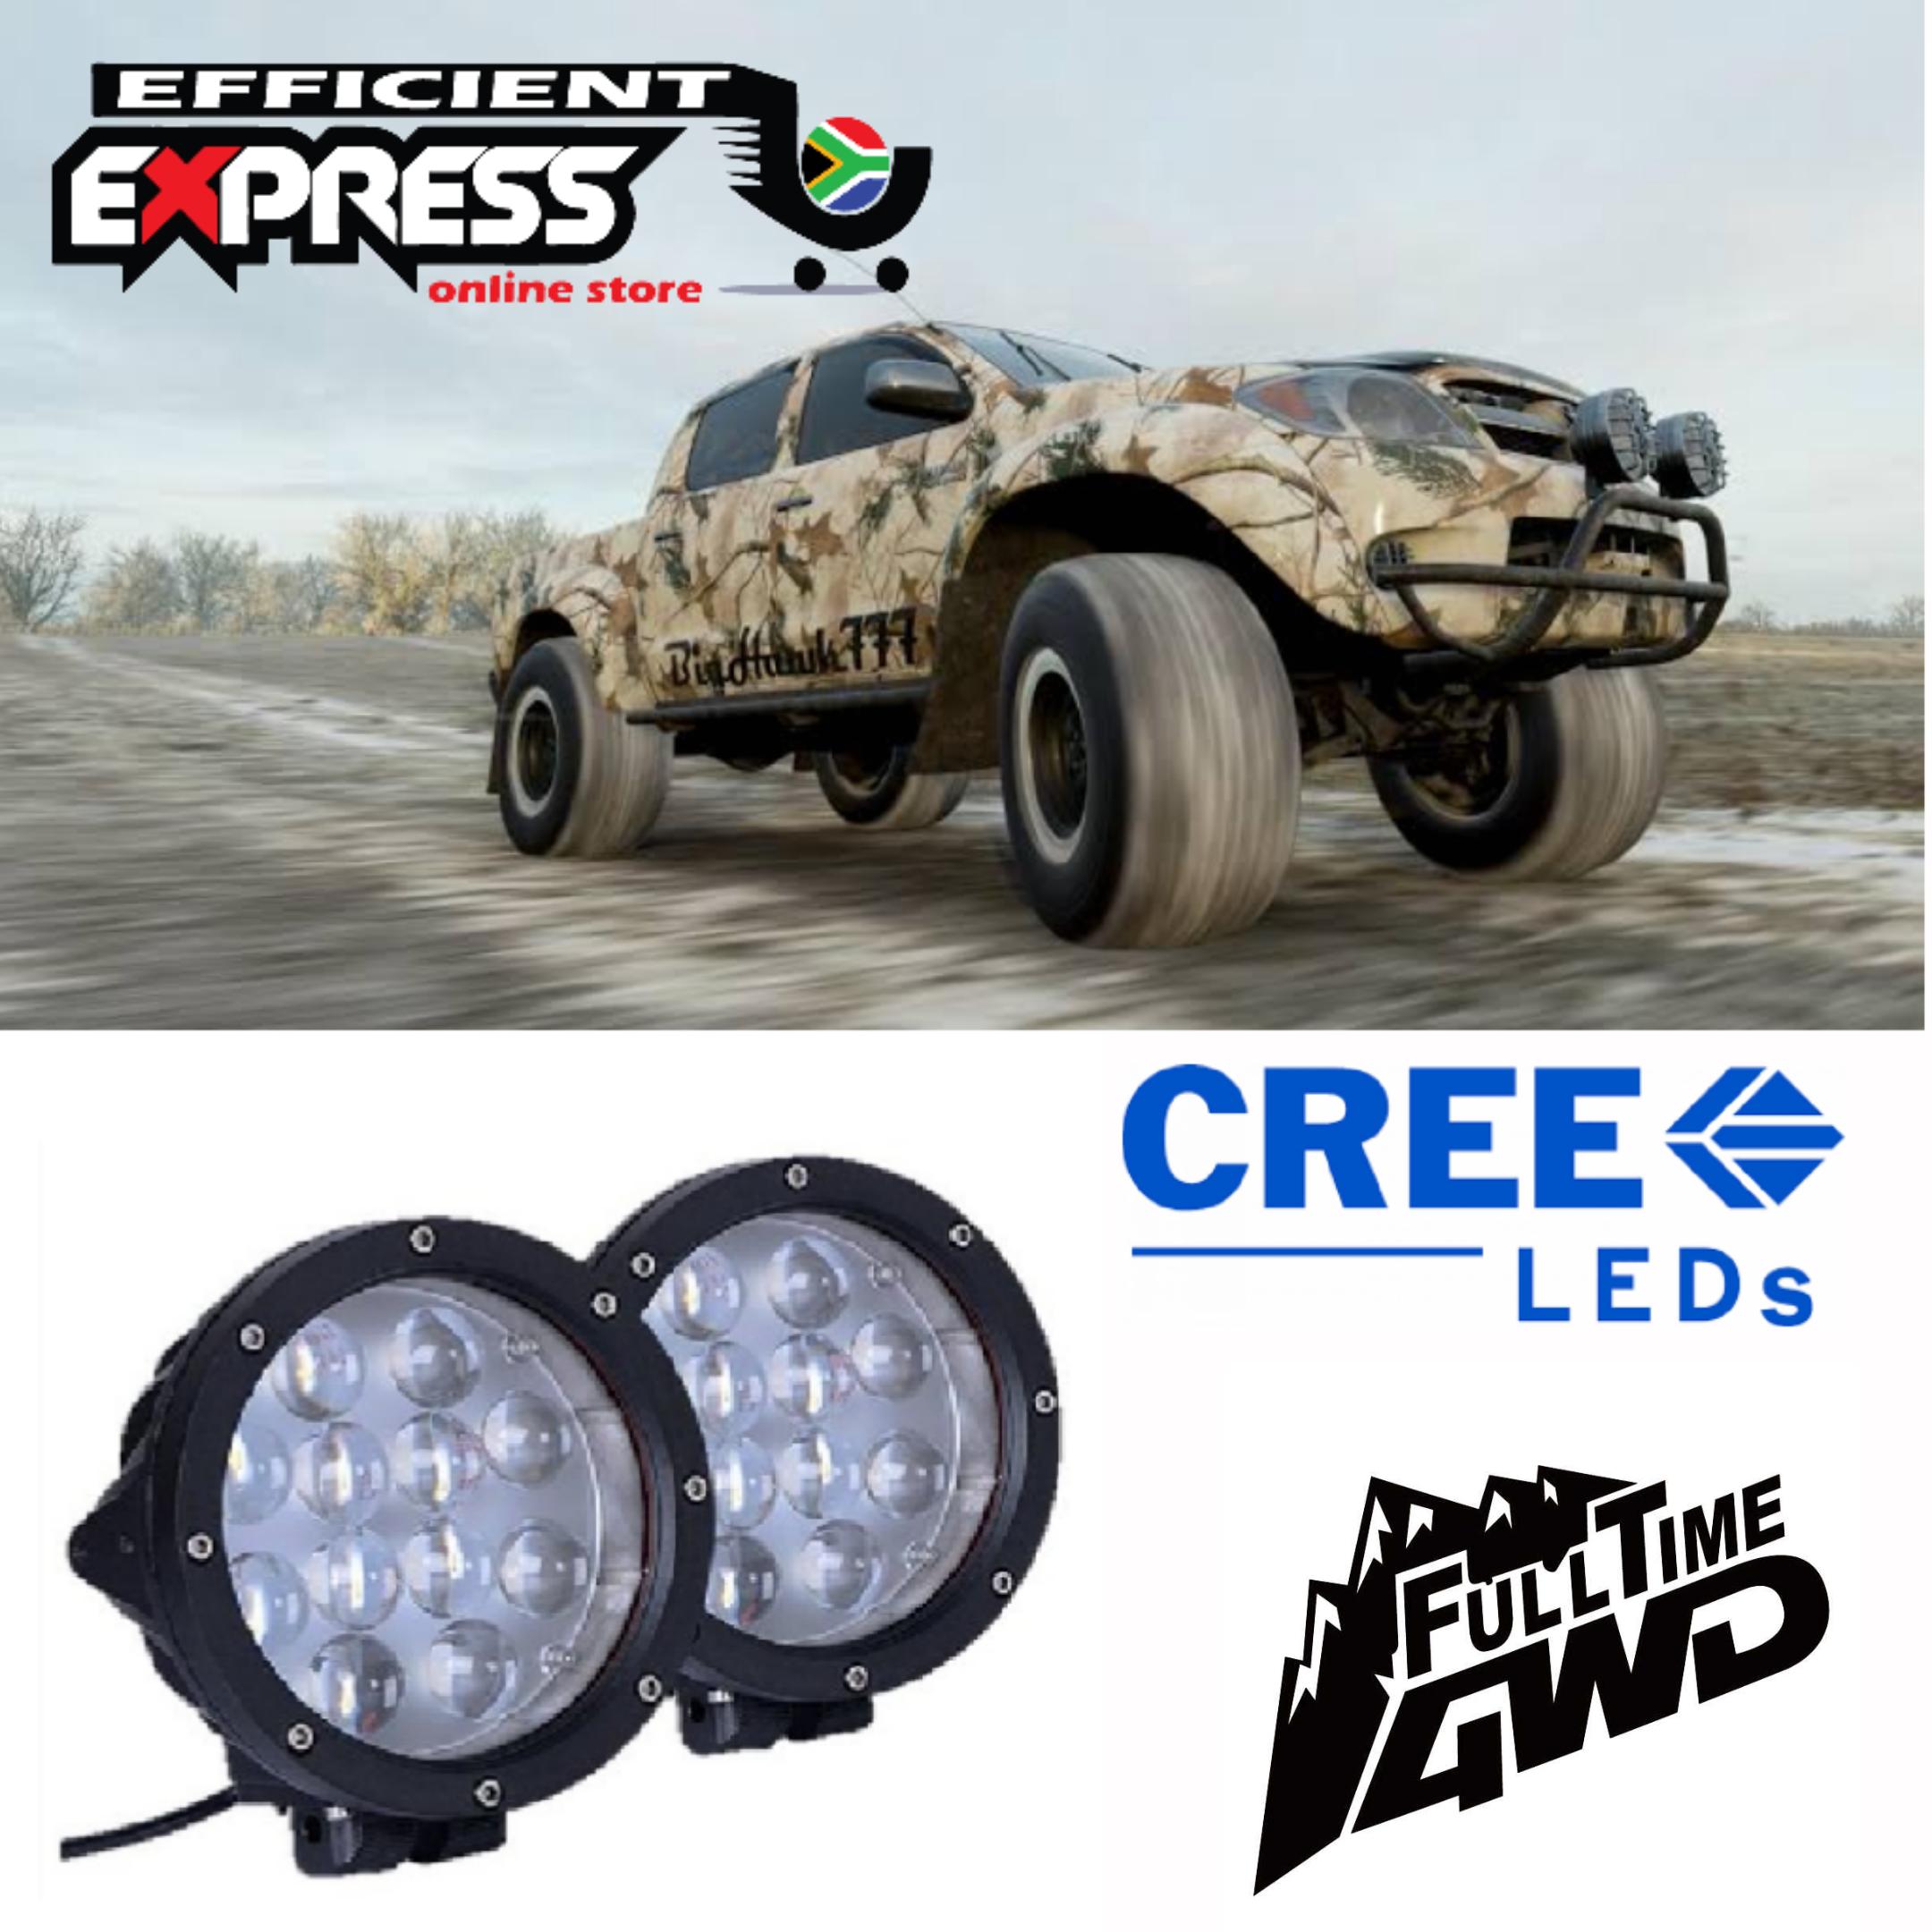 60 Watt CREE Projector LED Spot Lights